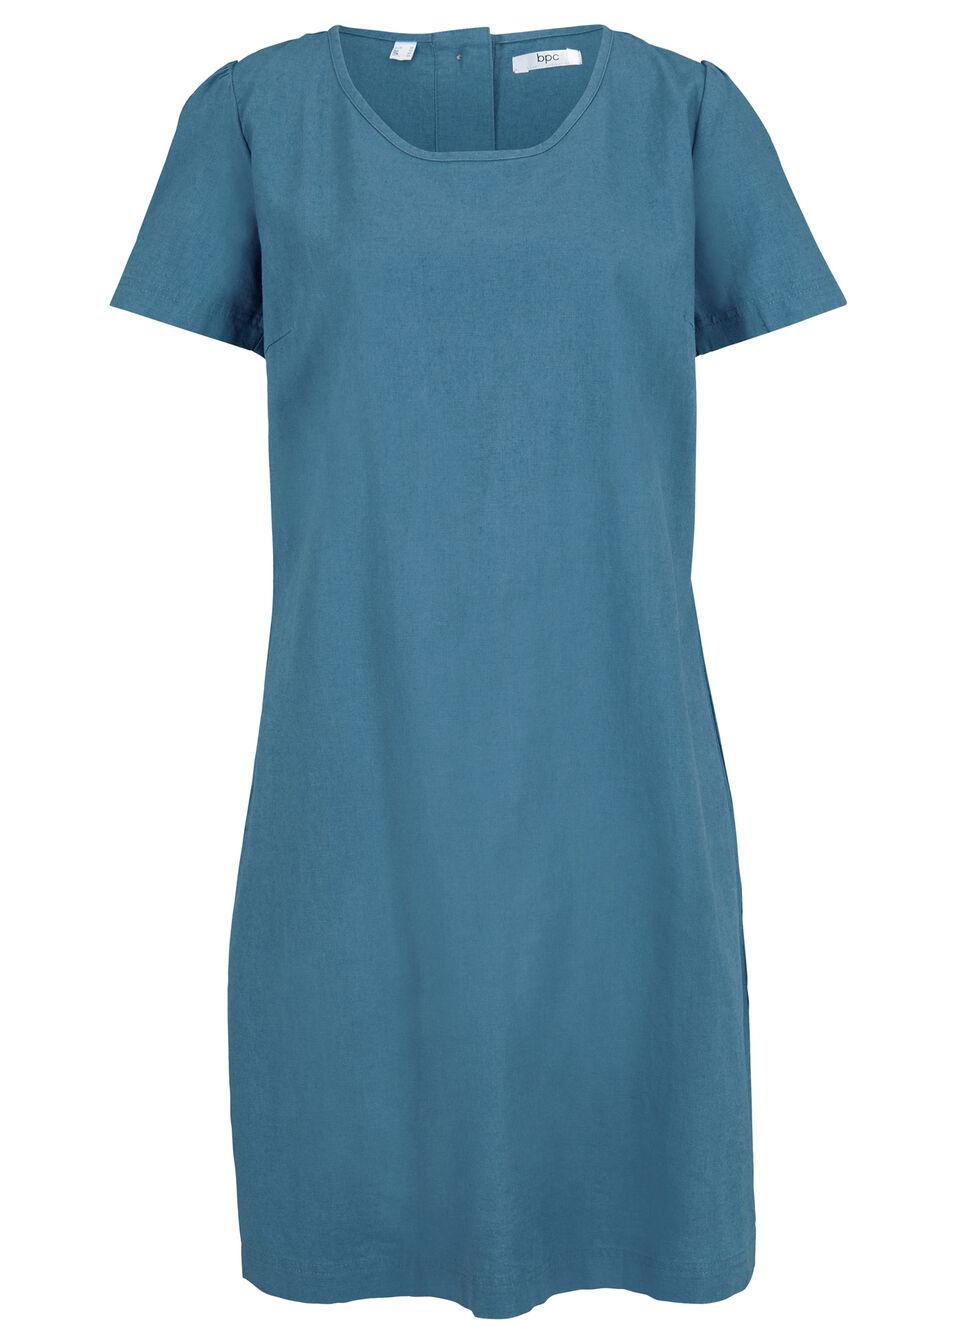 Sukienka lniana z plisą guzikową z tyłu bonprix niebieski dżins